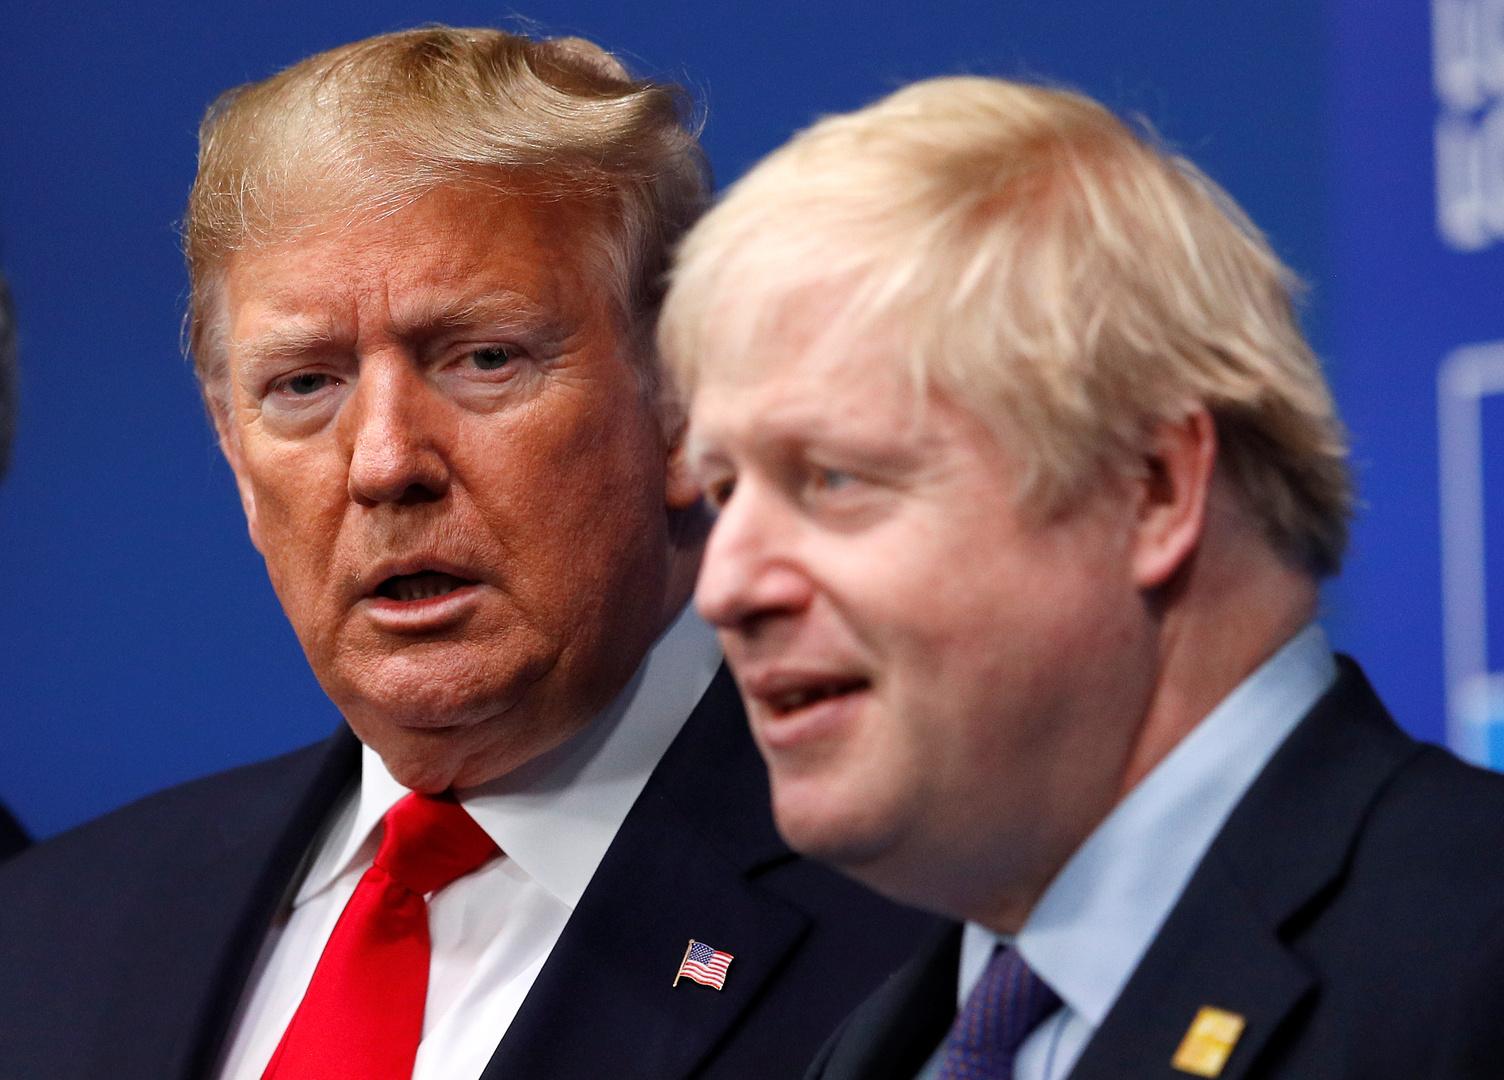 الرئيس الأمريكي دونالد ترامب، ورئيس الوزراء االبريطاني بوريس جونسون